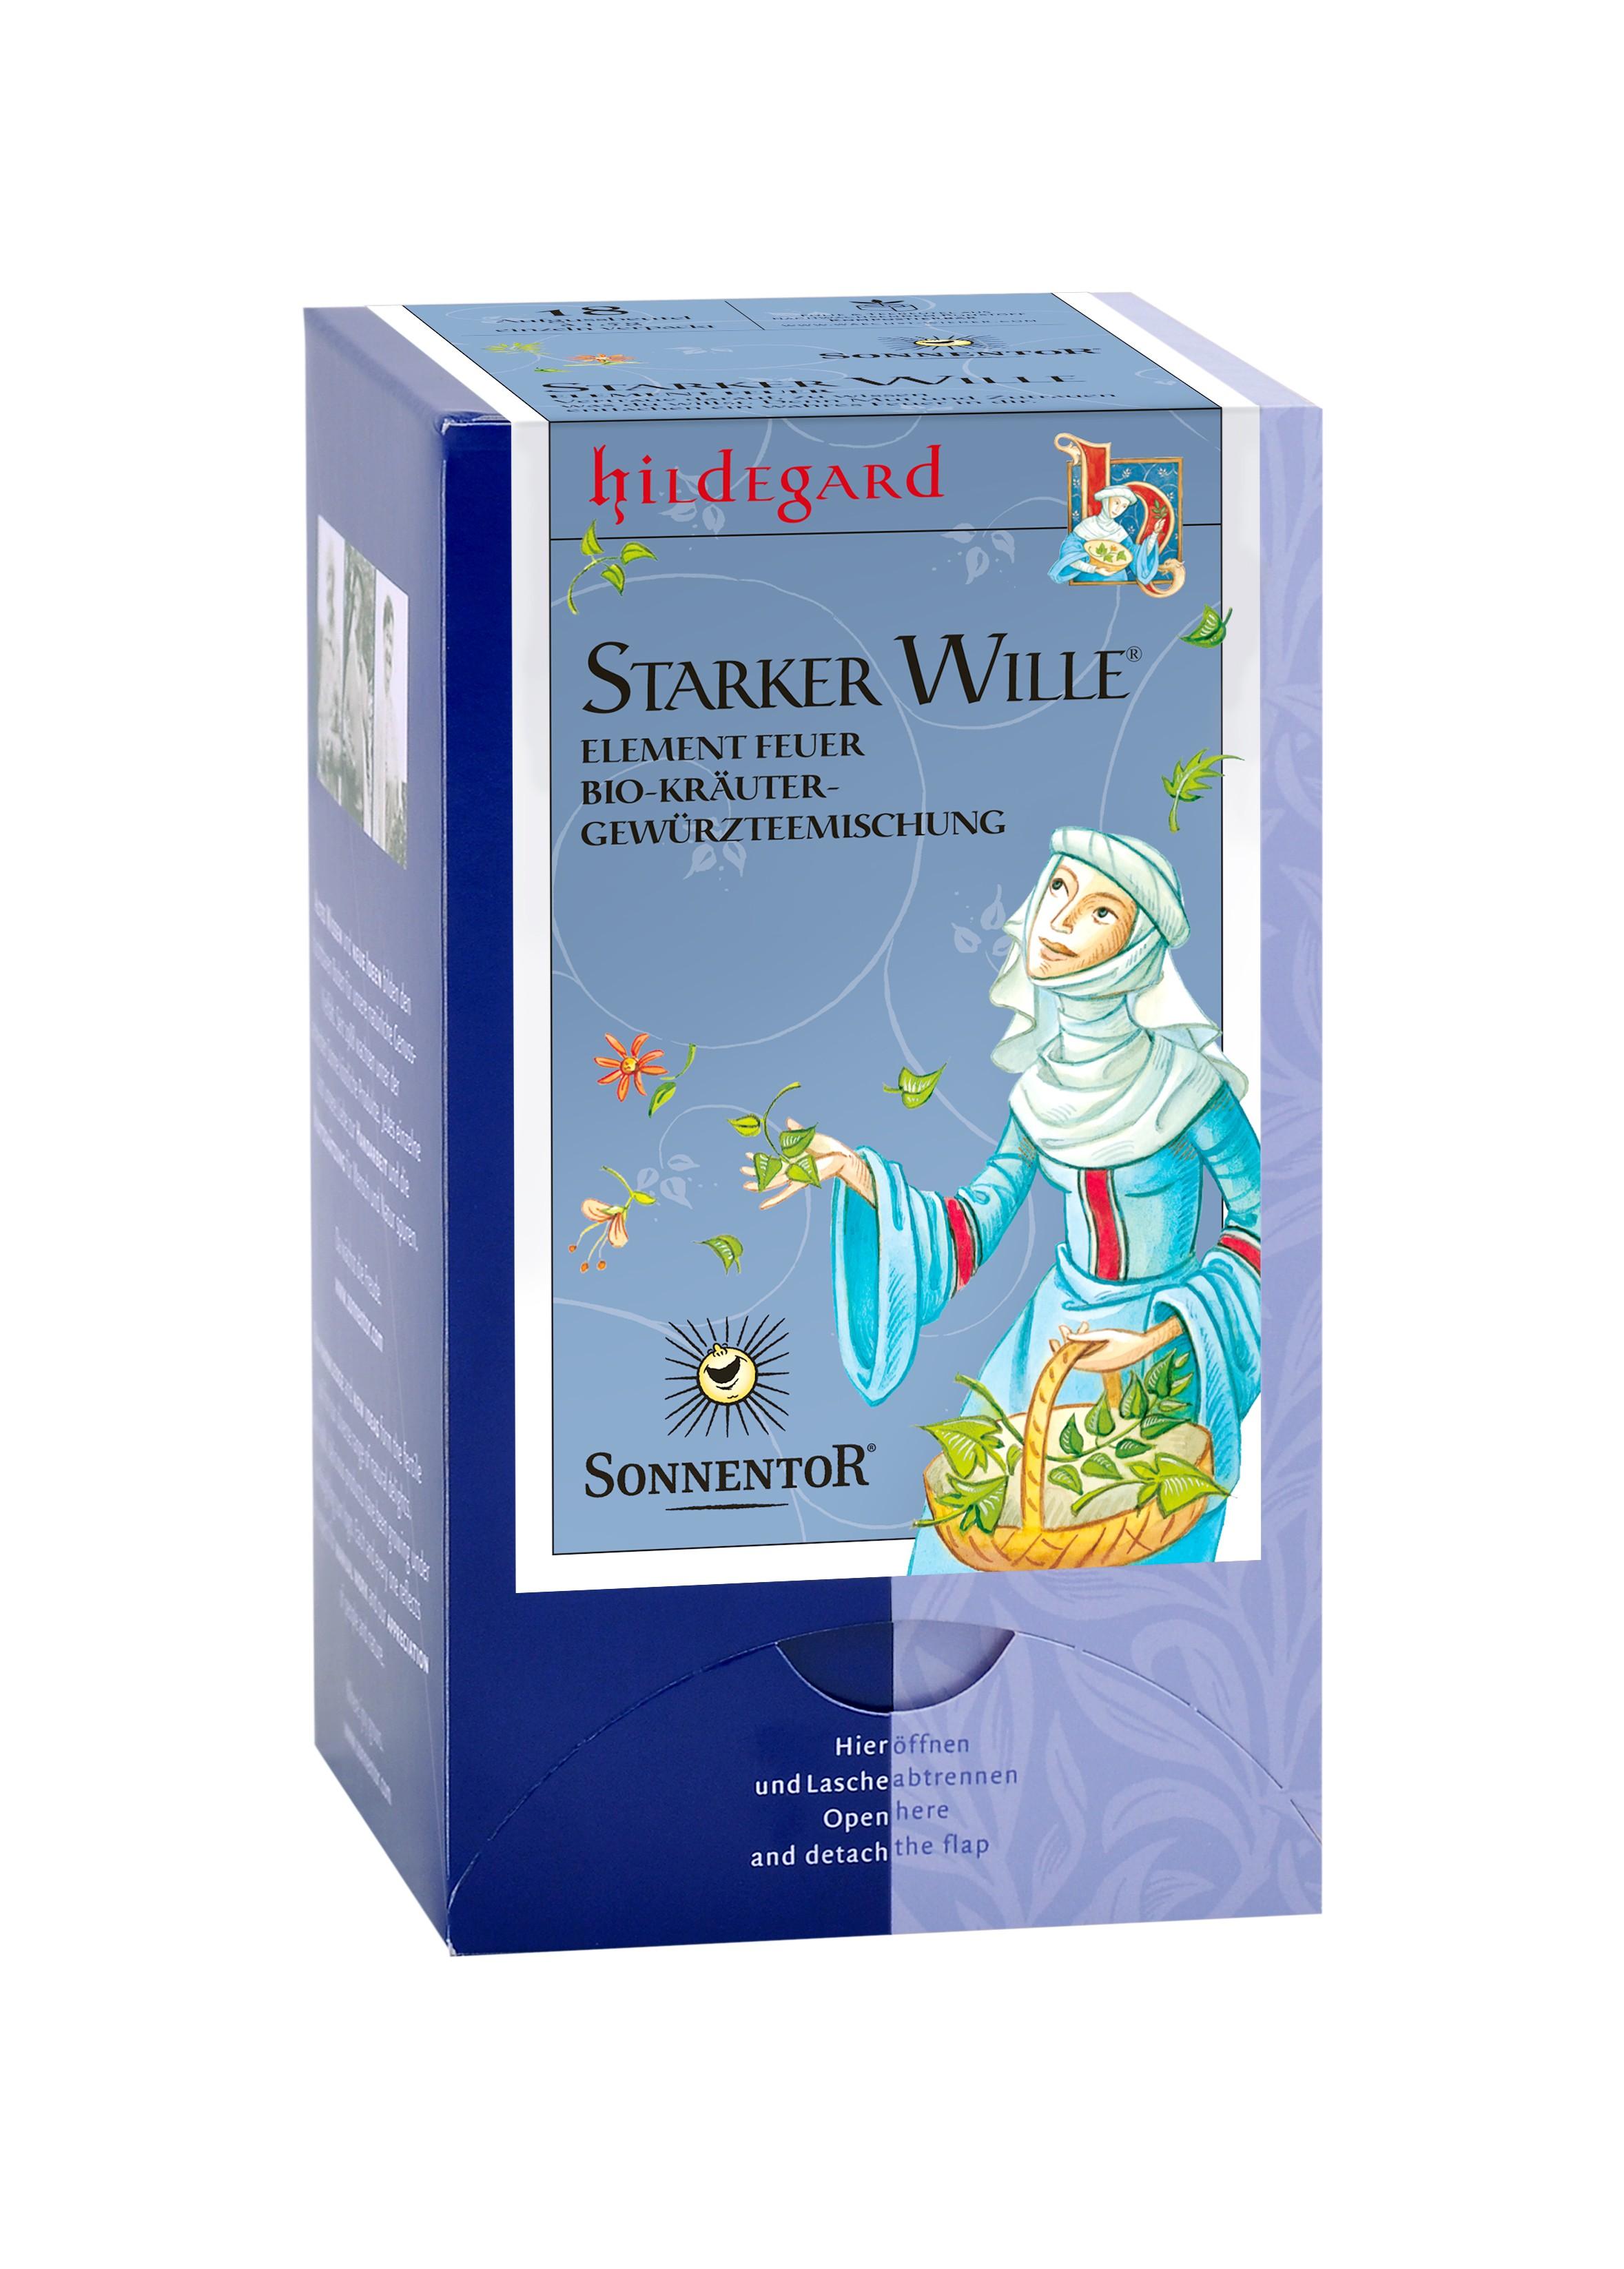 Starker Wille 4 Elemente (Feuer) Hildegard Tee Beutel